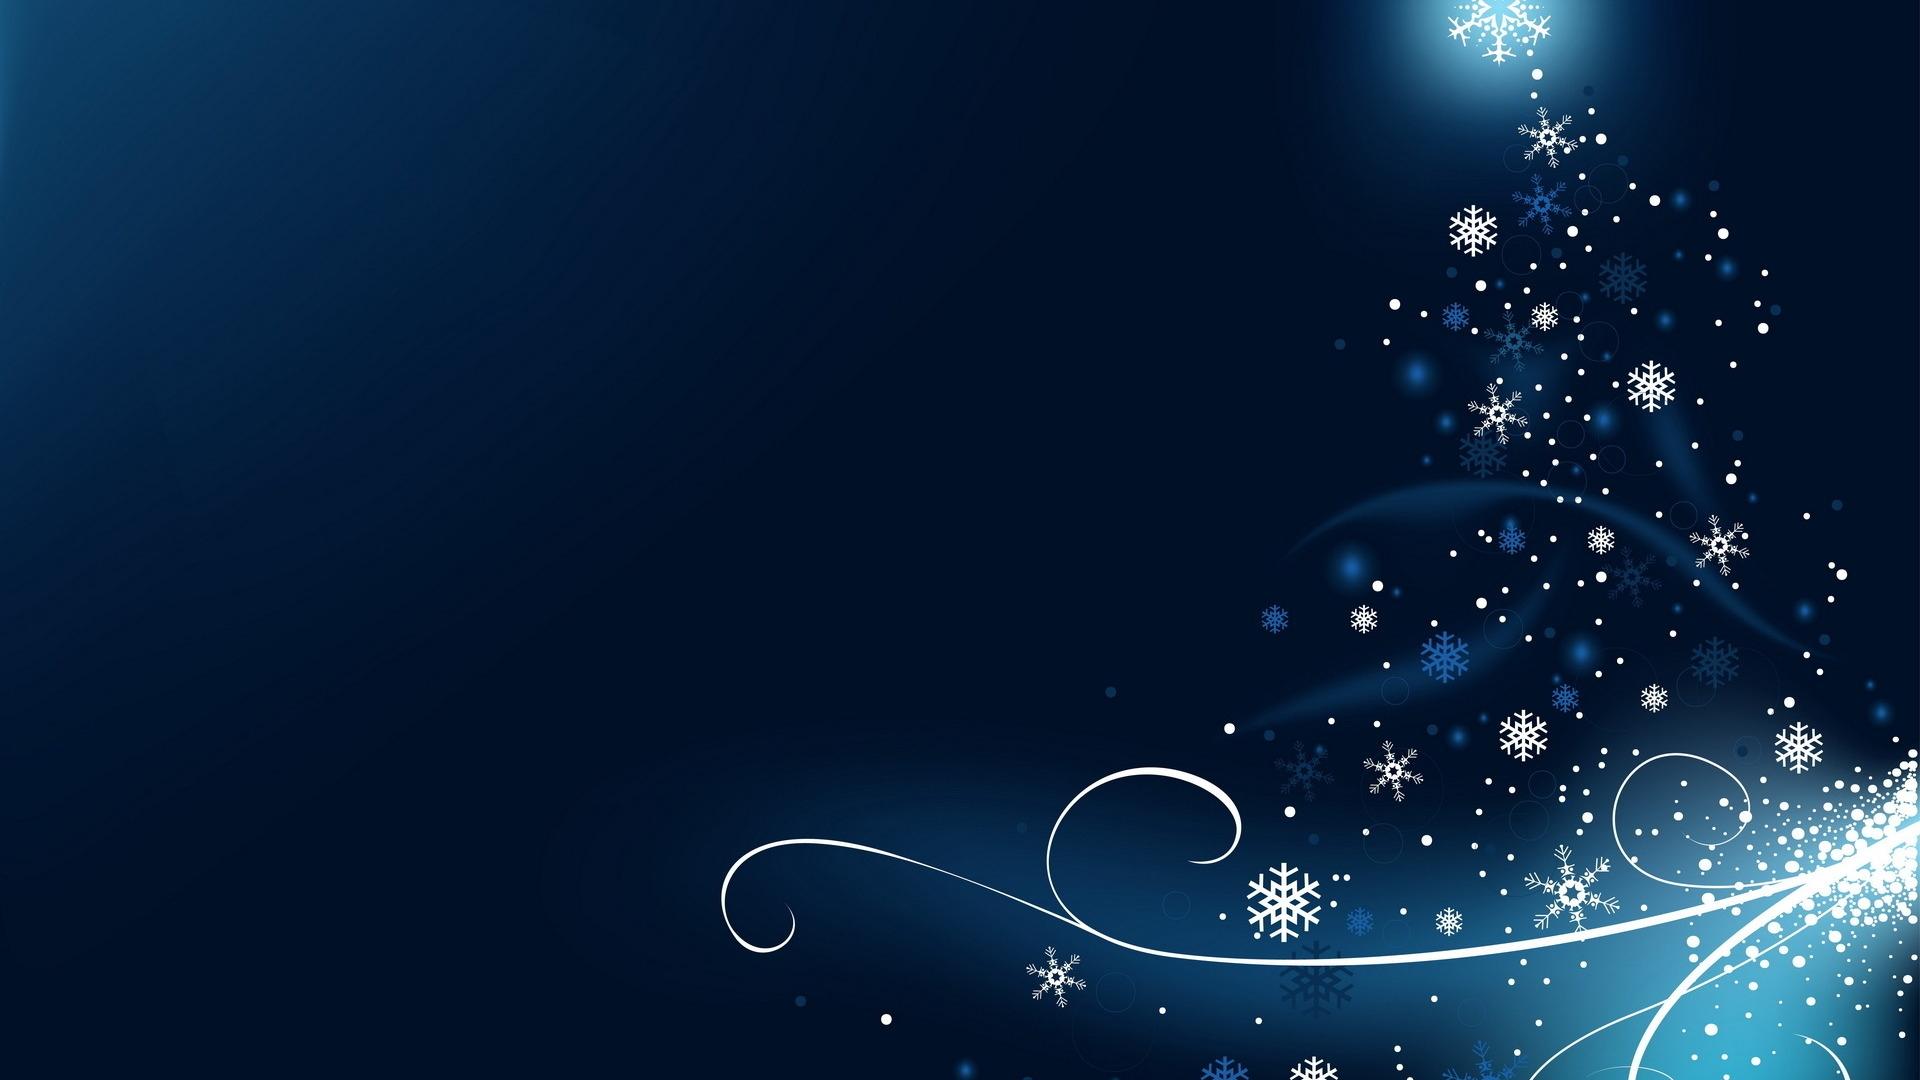 Google themes christmas - Google Chrome Themes Christmas Snowflake Theme